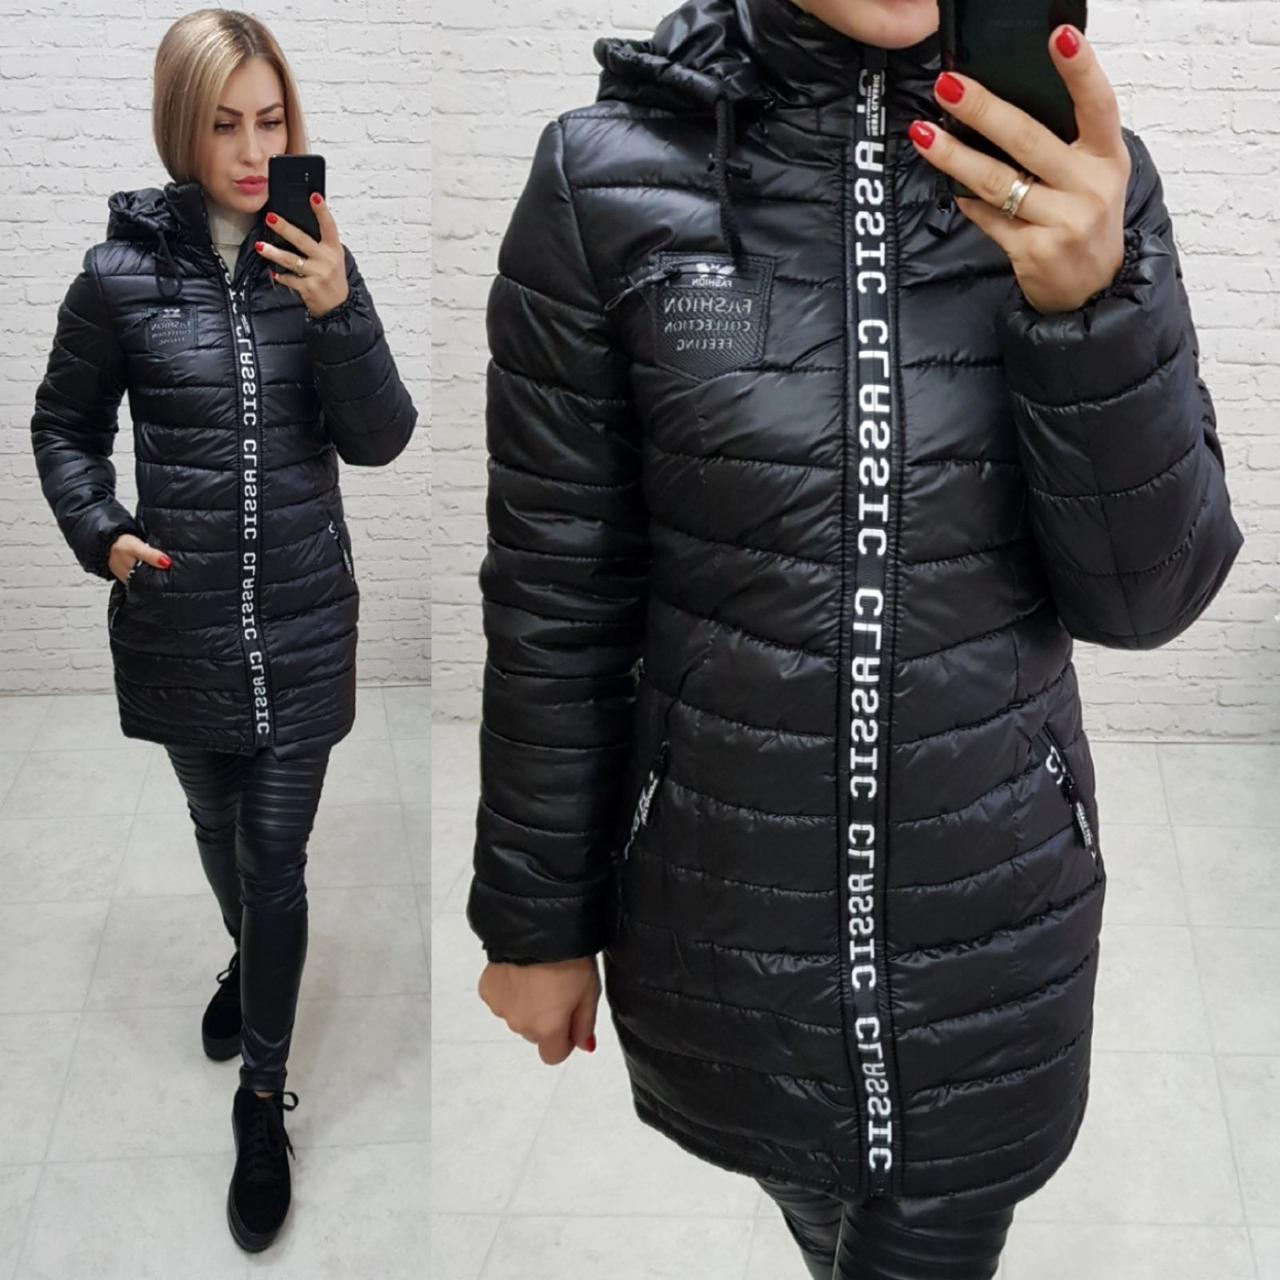 Куртка зима приталенная арт. 212/2 черная / цвет чёрный / черного цвета